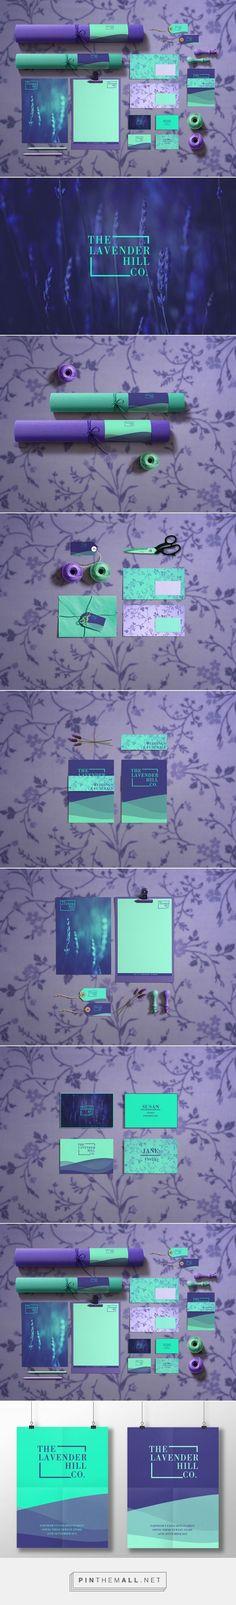 The Lavender Hill Co. Branding on Behance | Fivestar Branding – Design and…